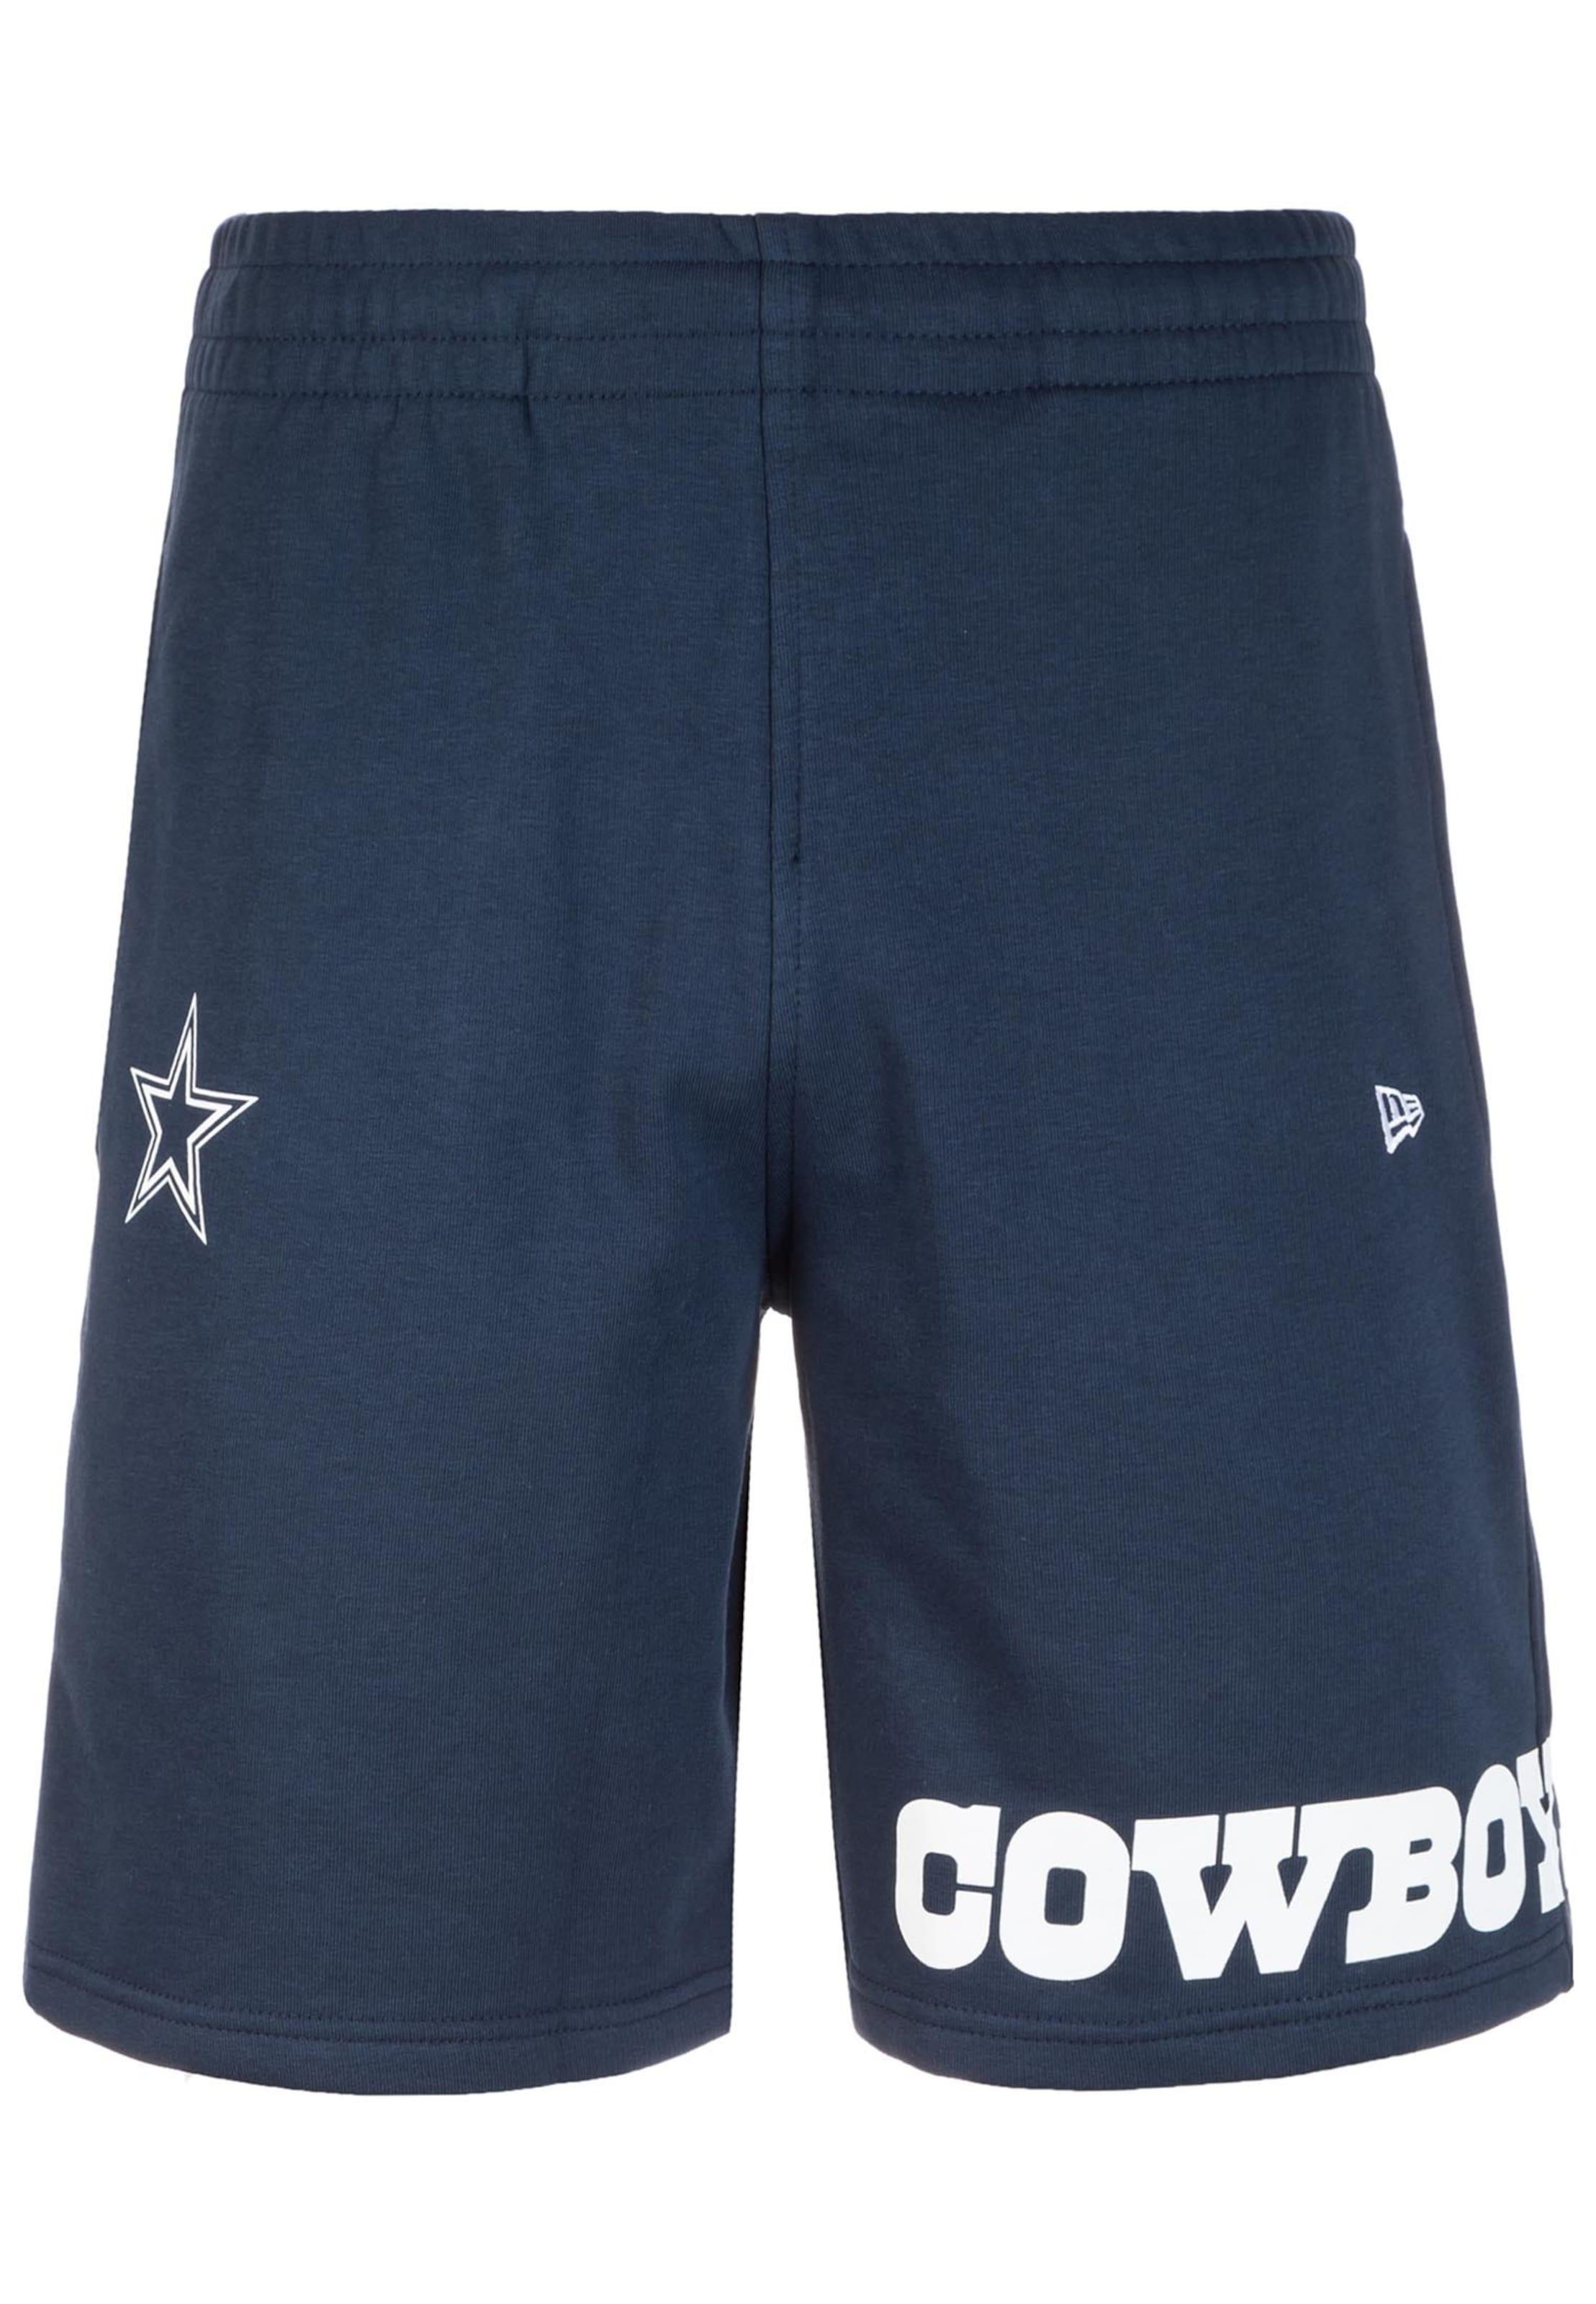 Era New 'dallas Short Cowboys' MarineWeiß In f7g6yvIYbm